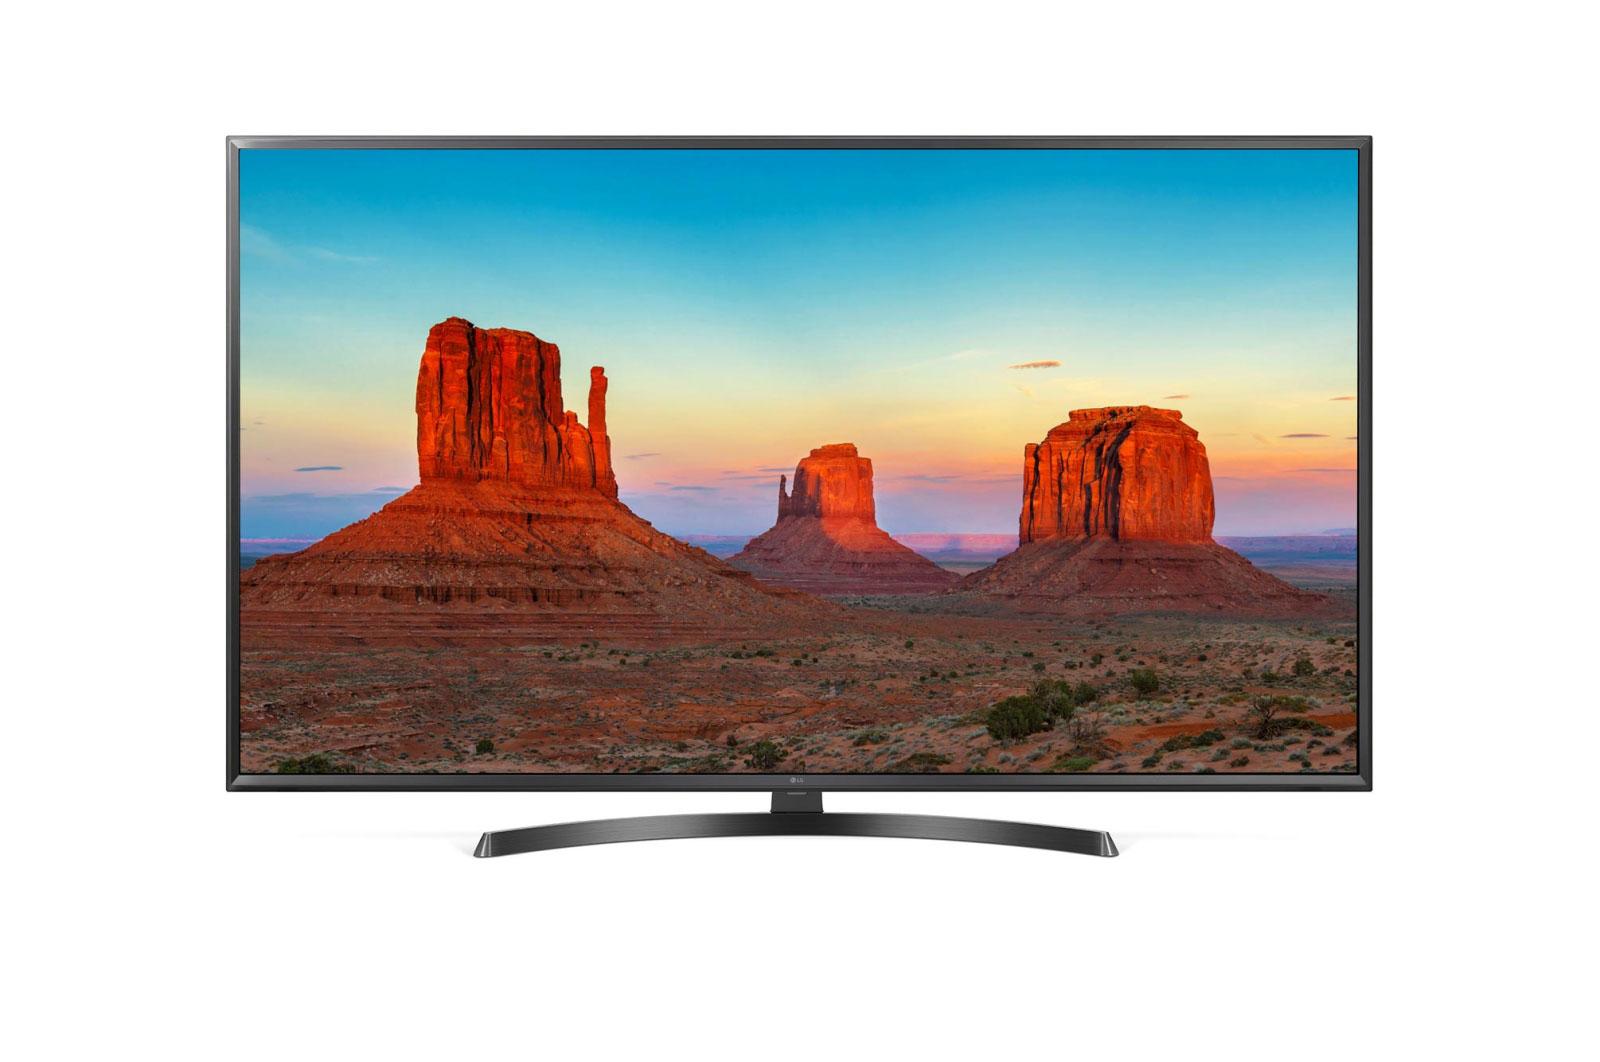 بهترین تلویزیون های ال جی 49 اینچ